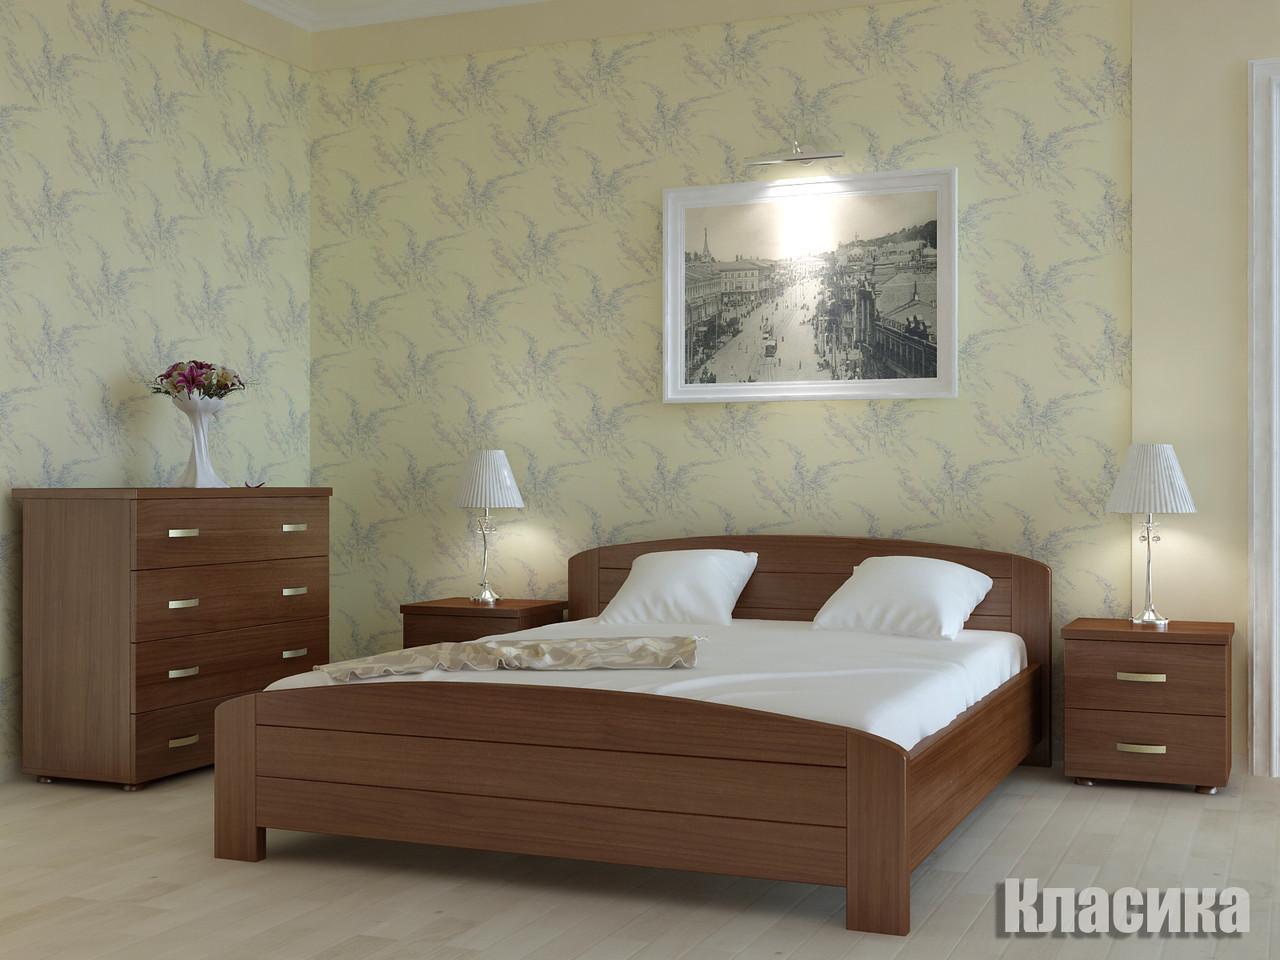 Кровать деревяная 160х200 Классика Явіто